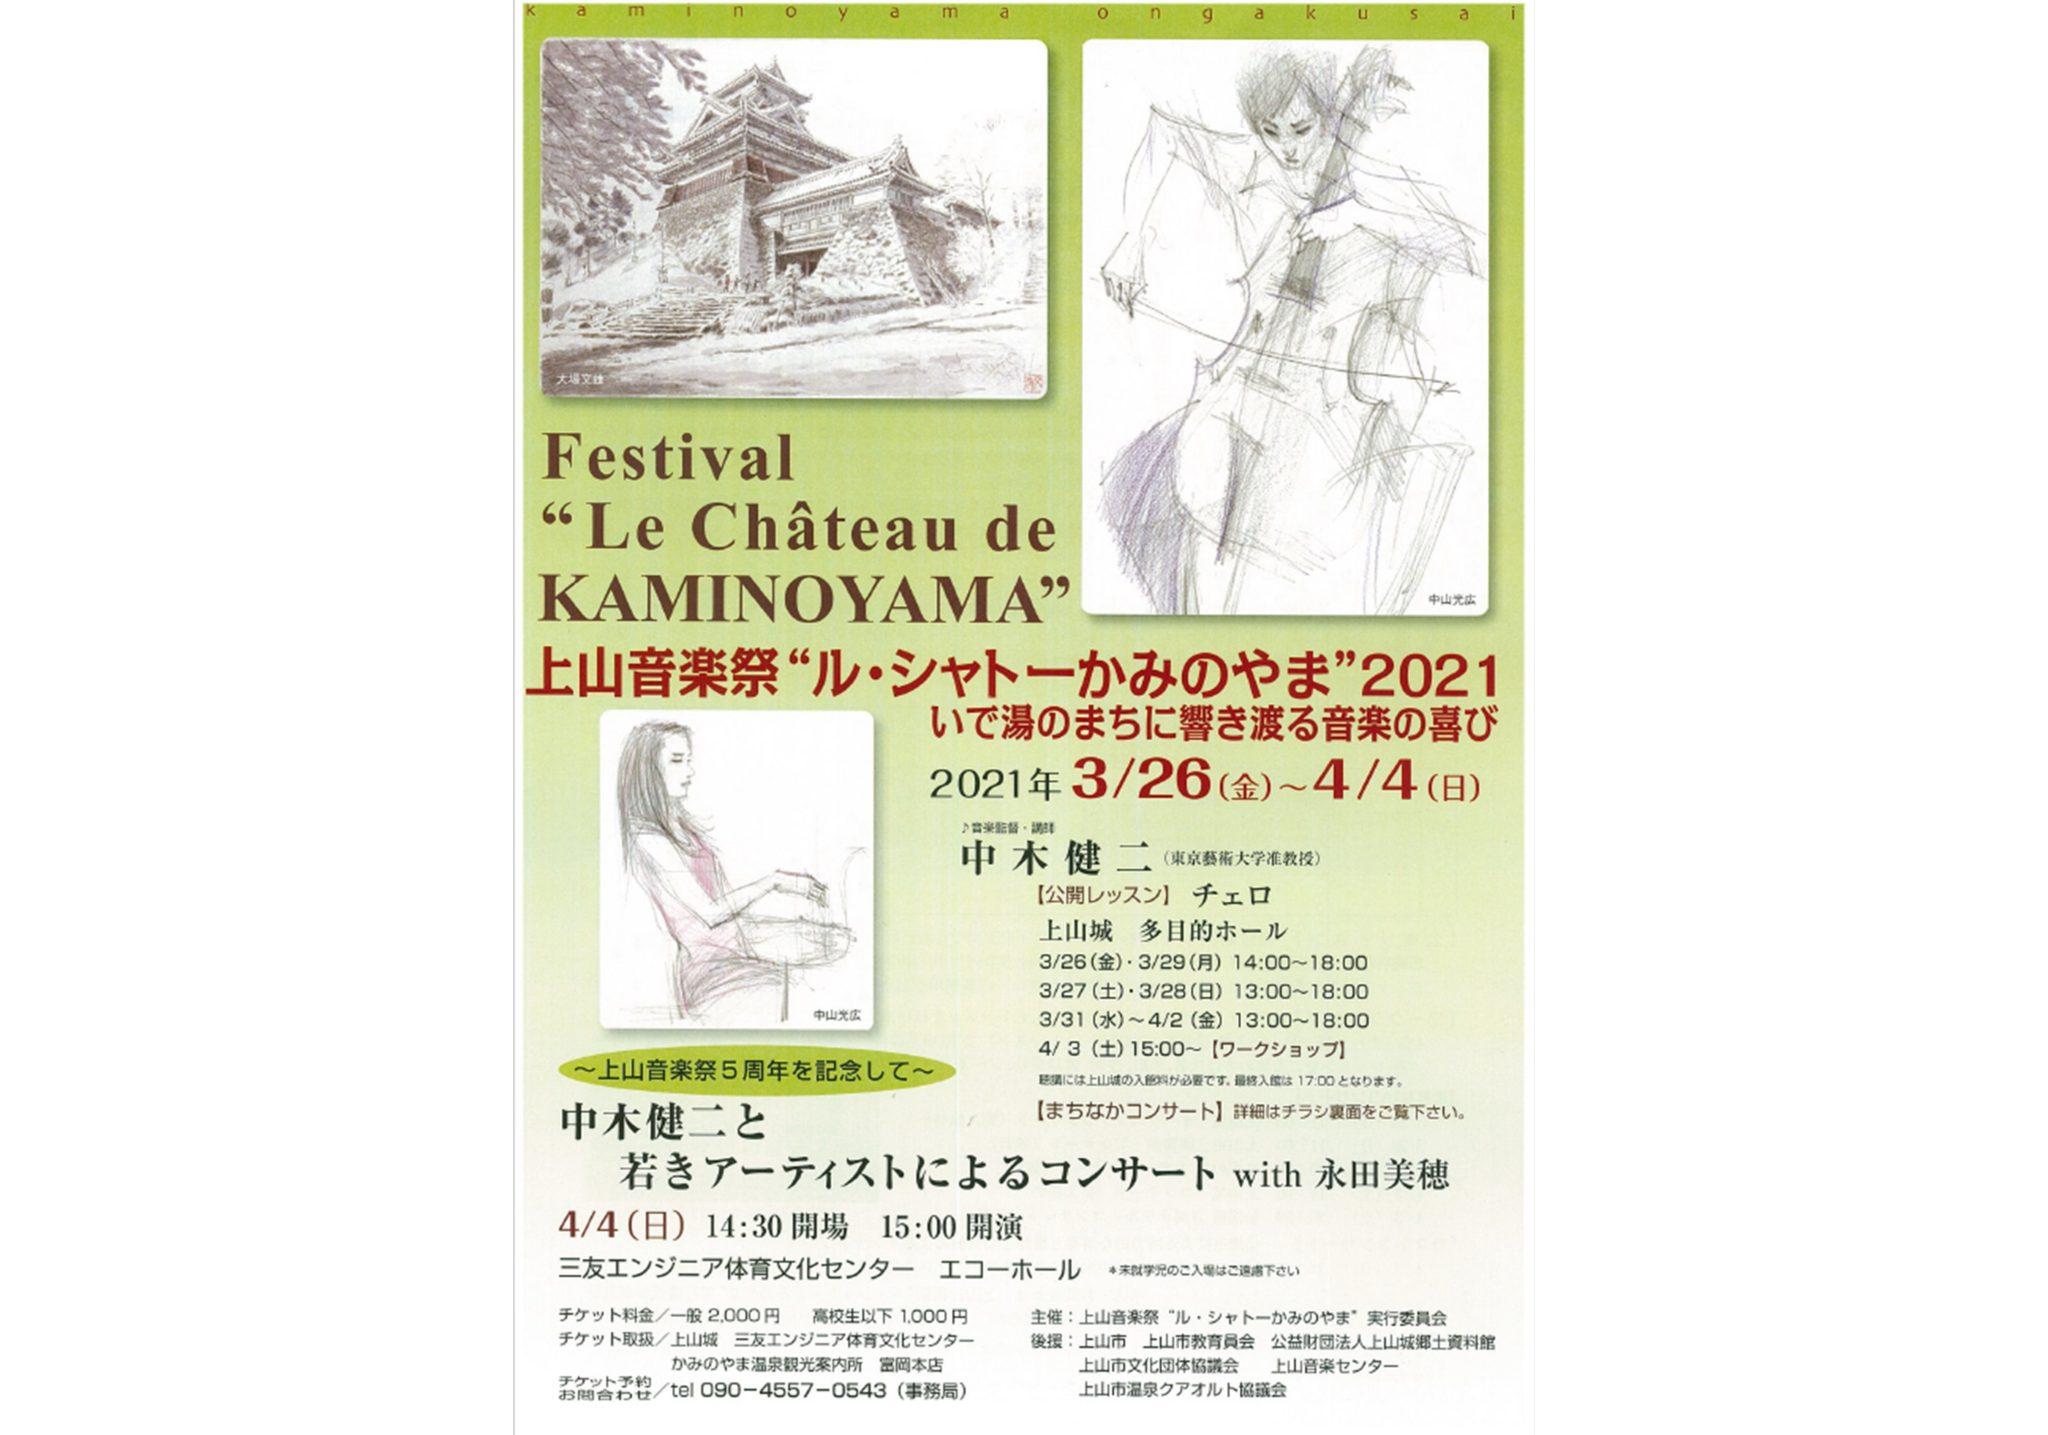 上山音楽祭 ル・シャトーかみのやま 2021